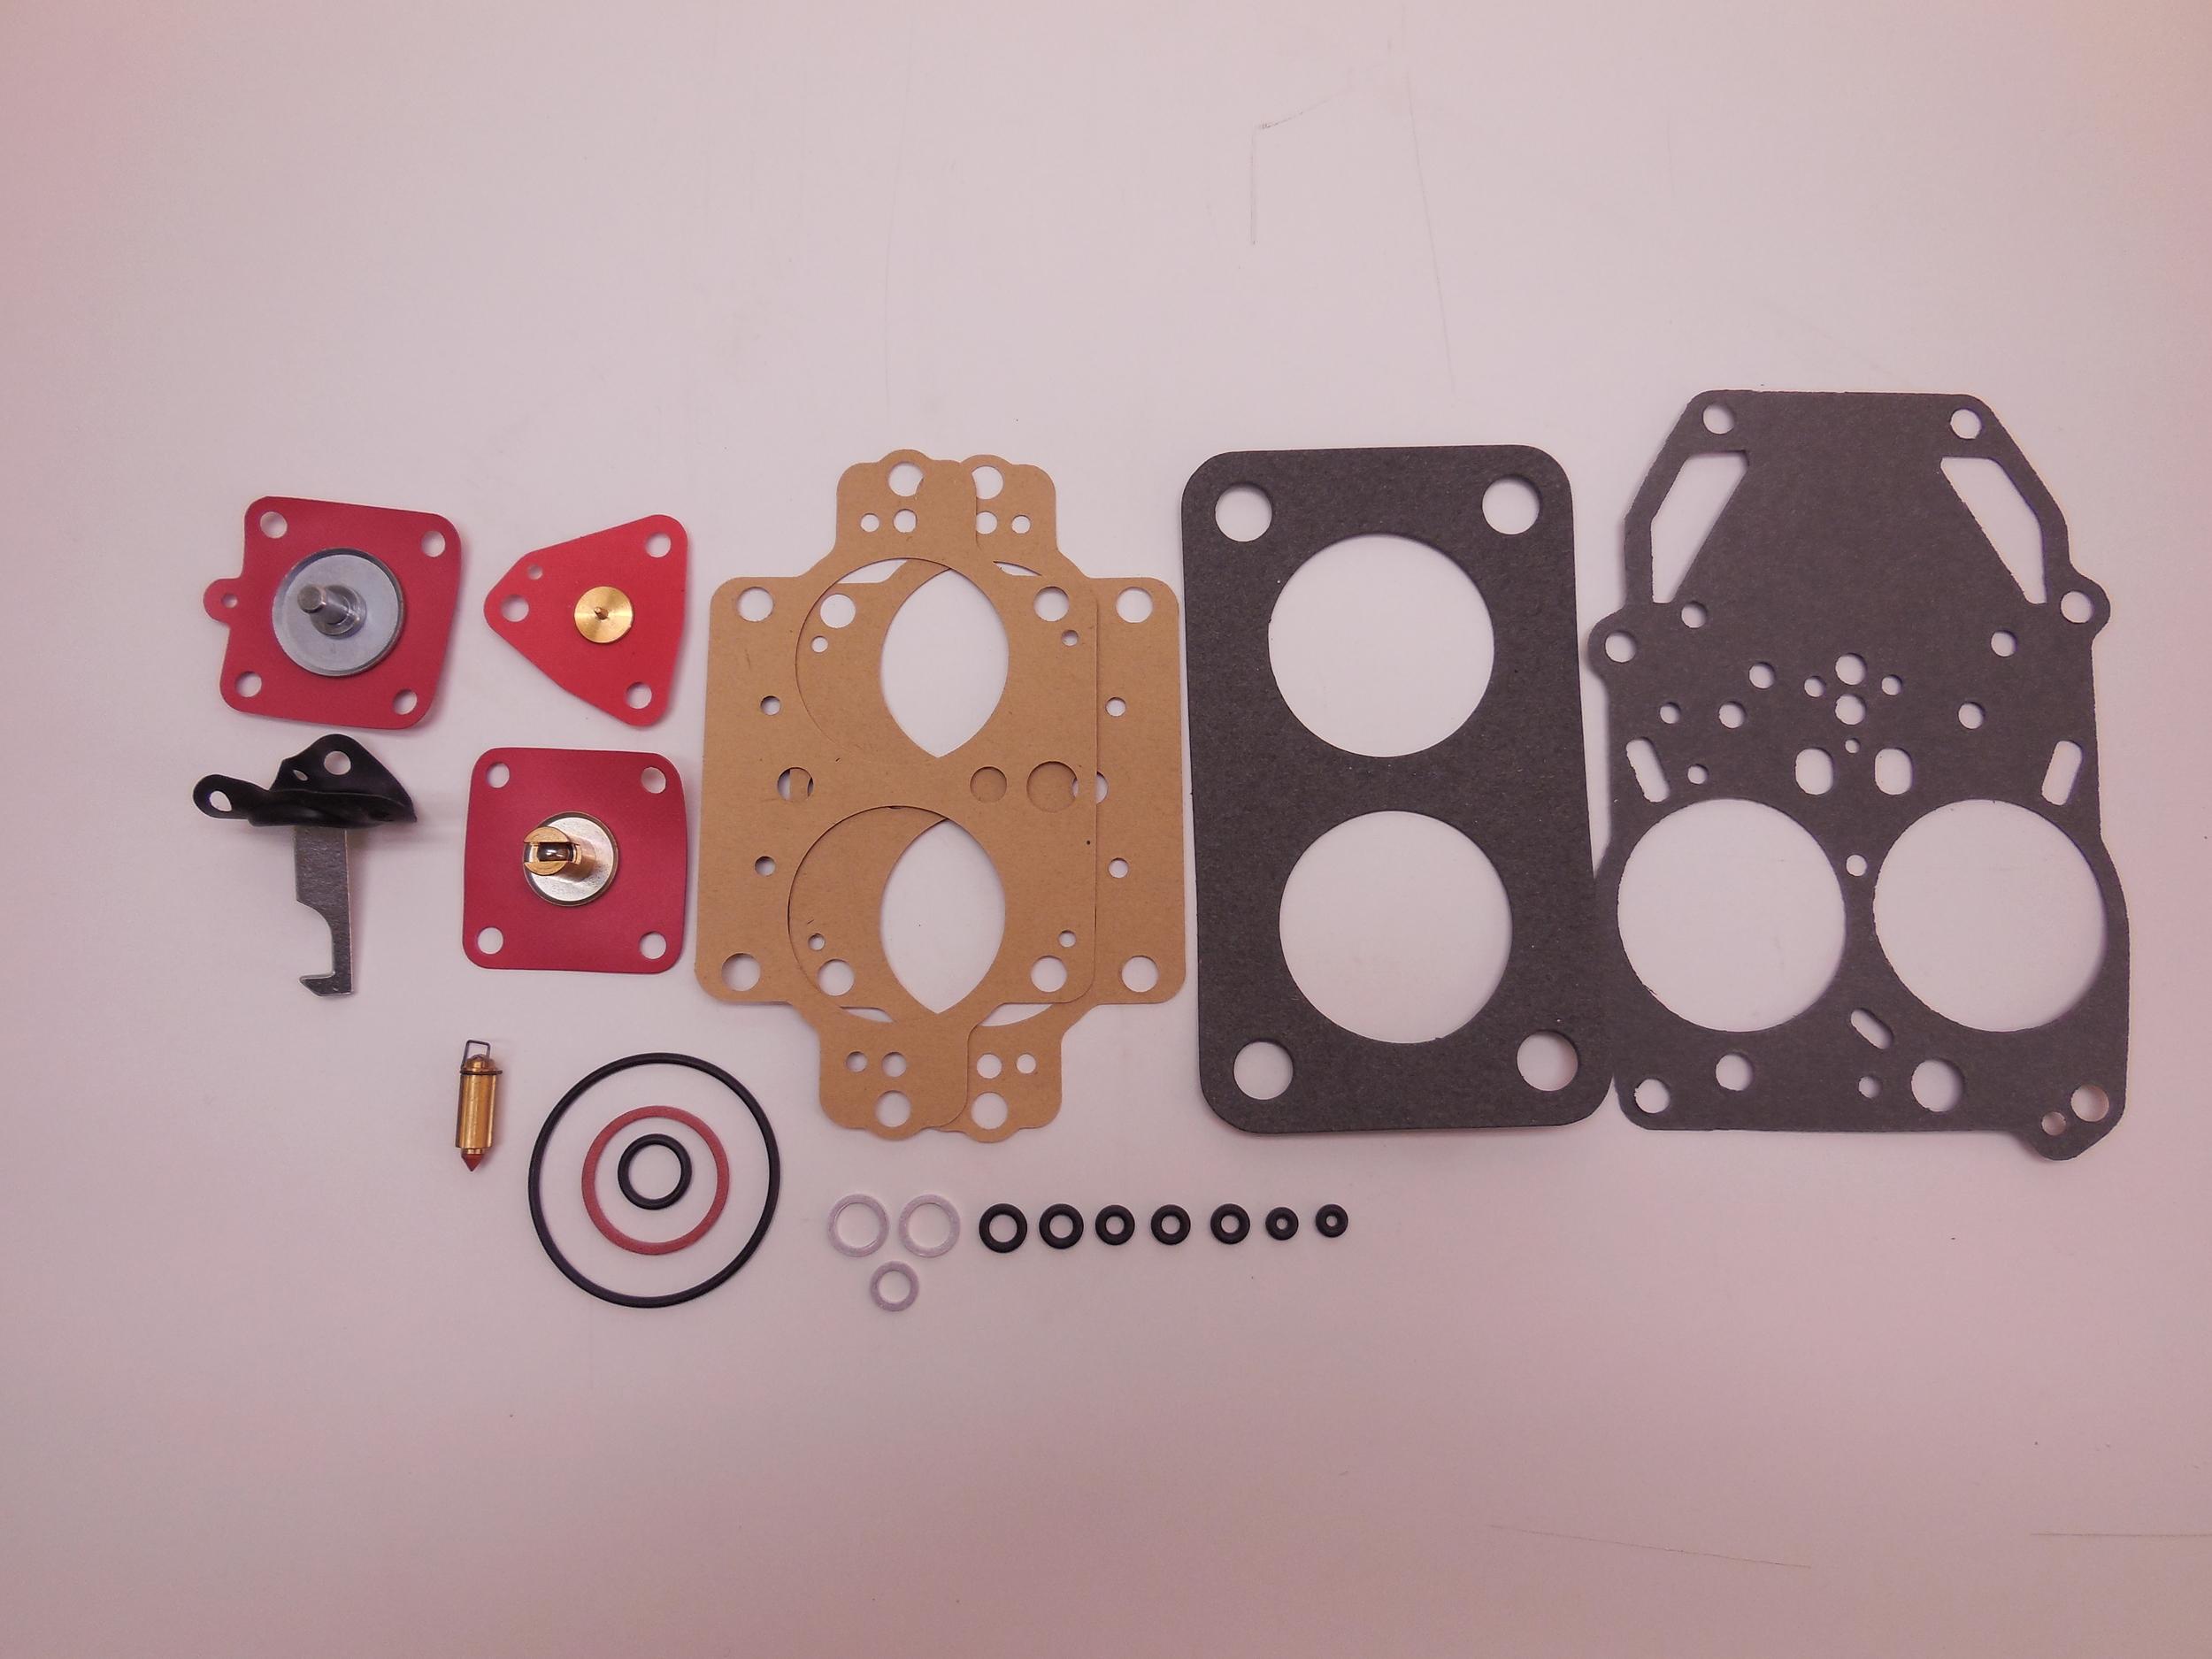 carburetor repair kit Häggo Nr: 453 7091-066 price: 820 Sek